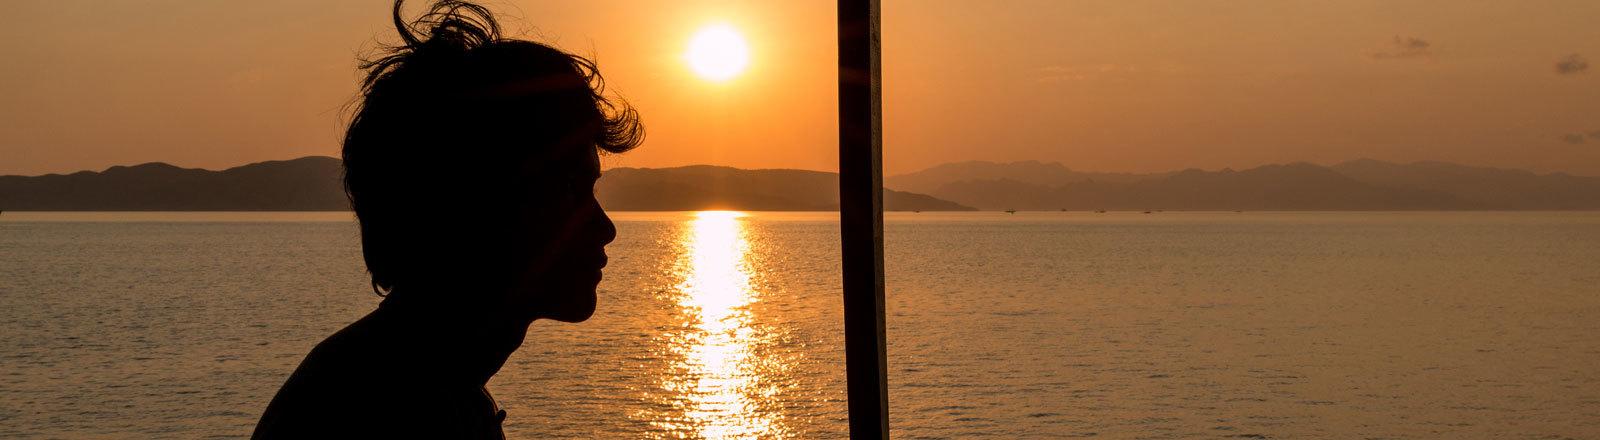 Ein Mann vor dem Sonnenuntergang